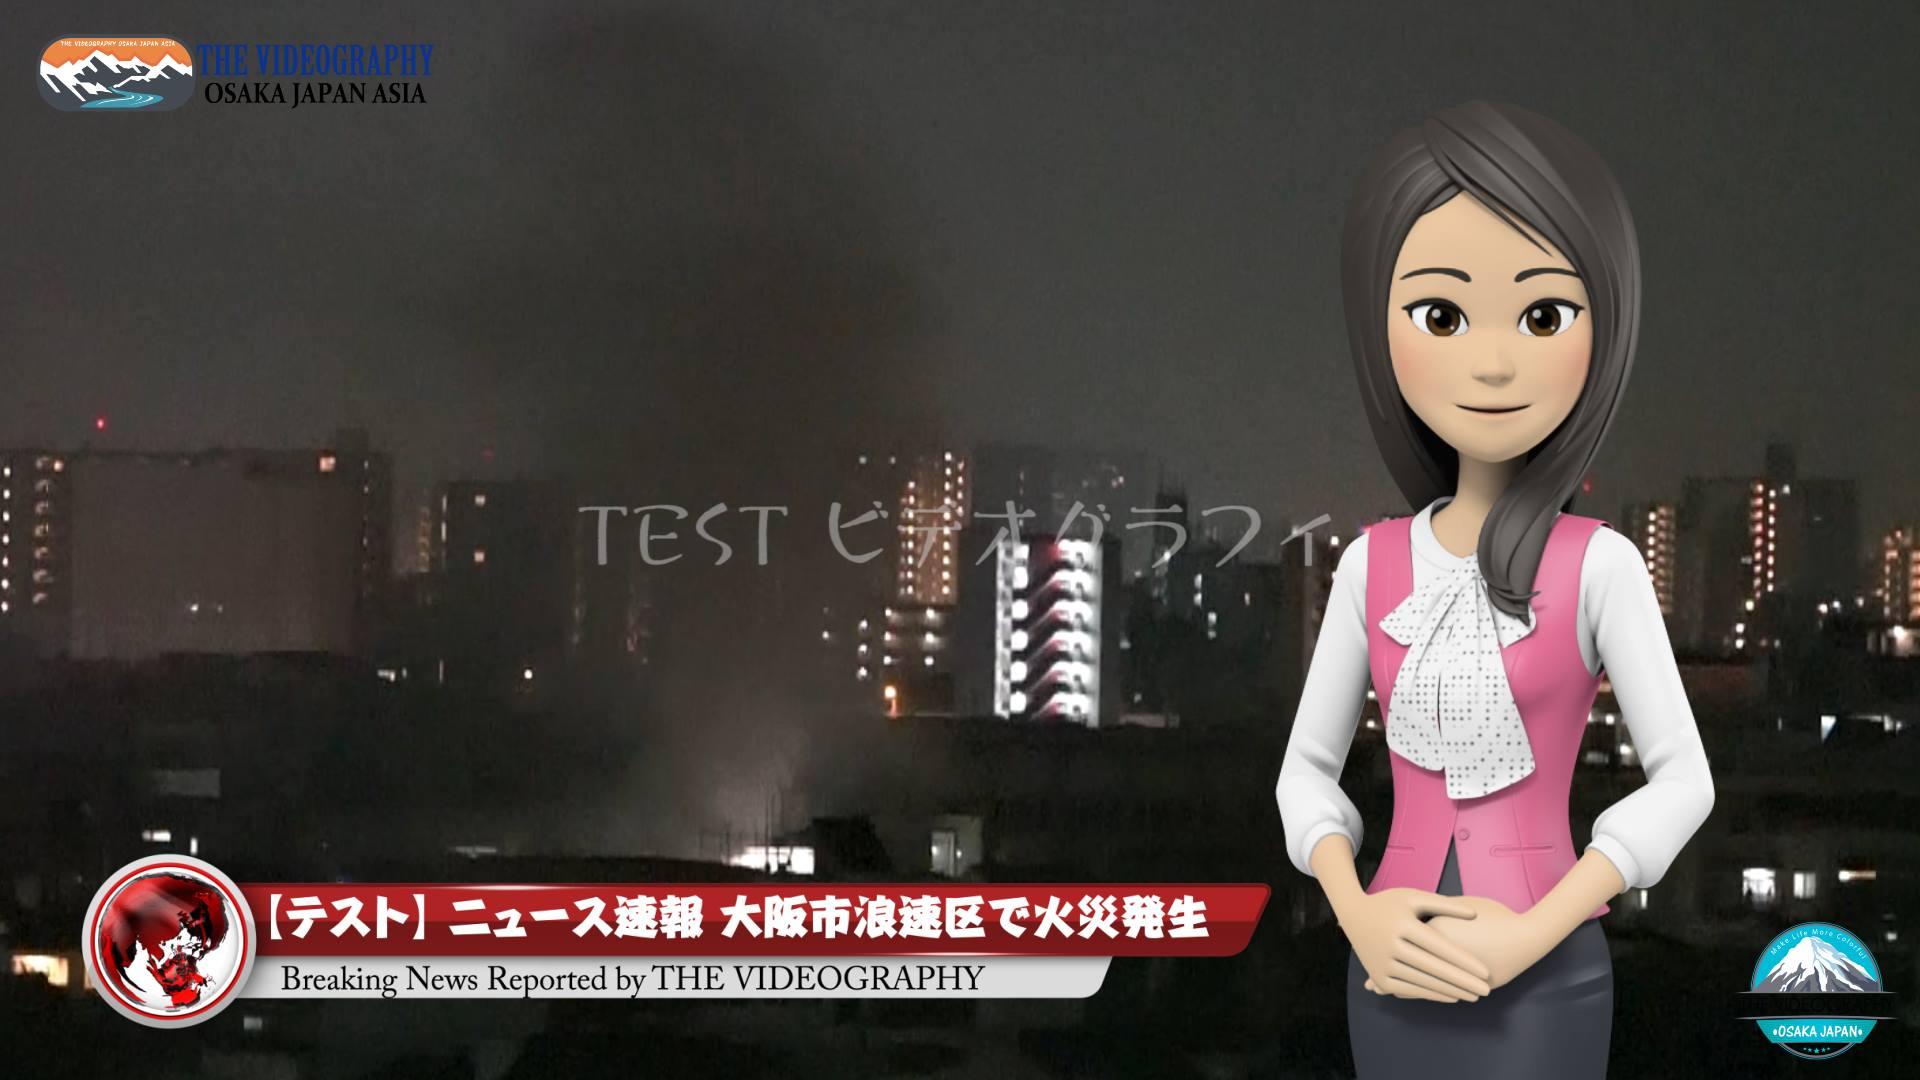 報道映像 ニュース動画の革命・ジャーナリズムにイノベーションを